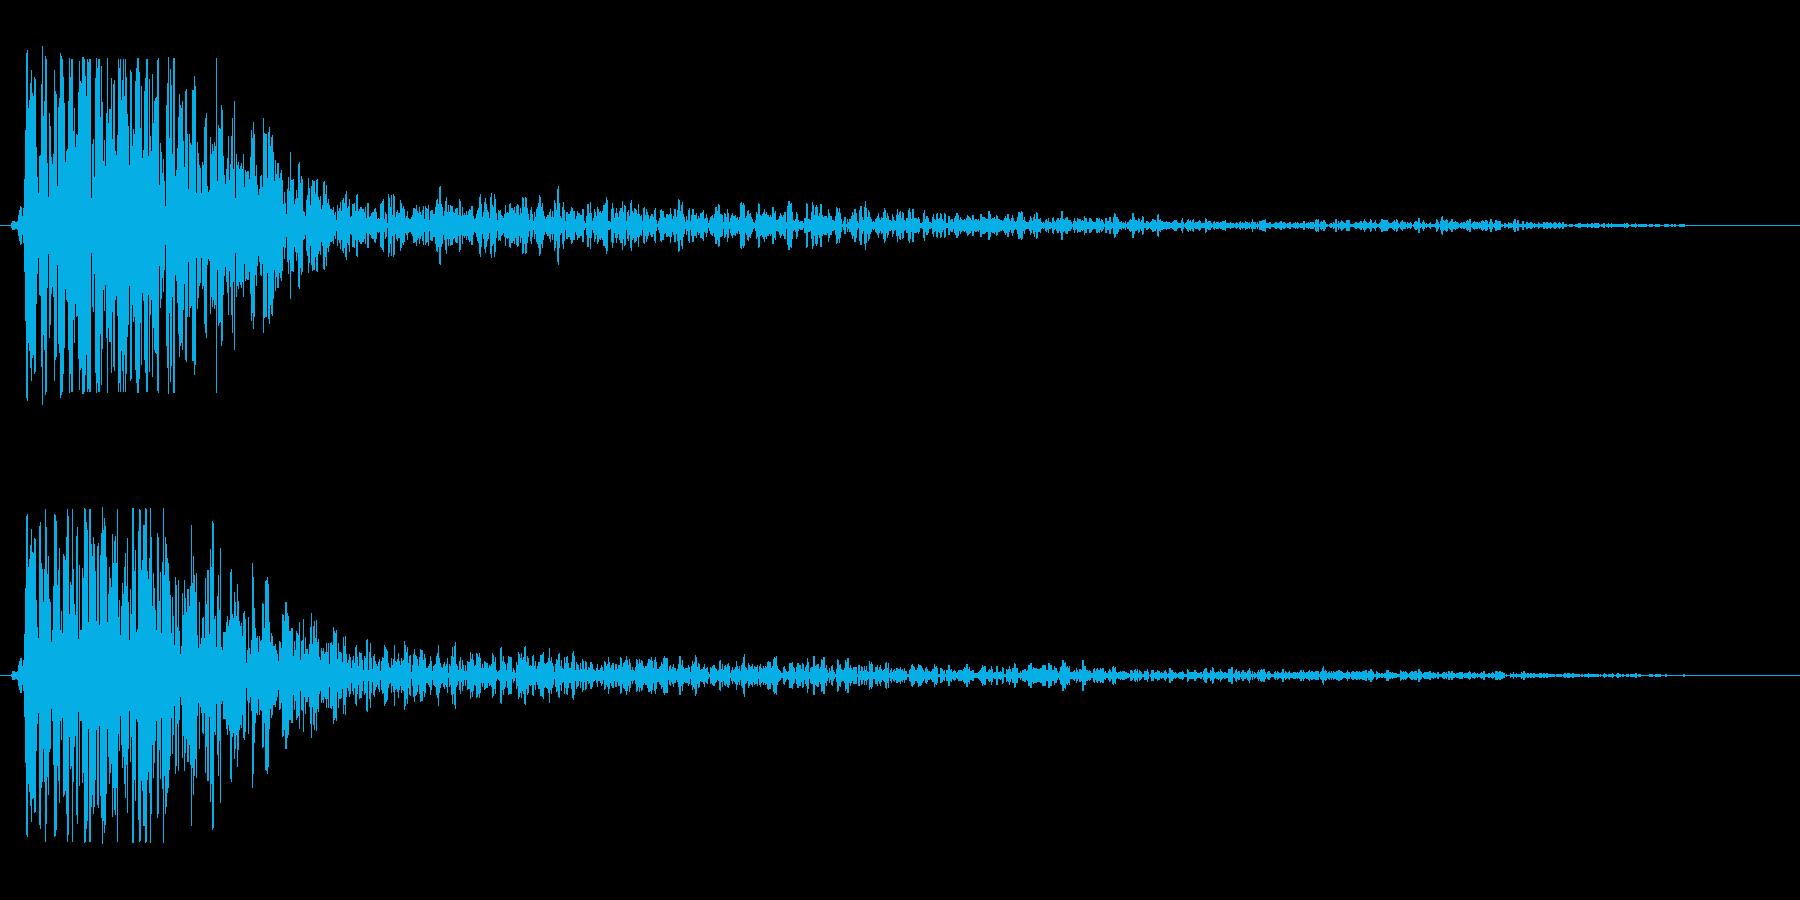 ドゥオーン(低音の打撃音と反響音)の再生済みの波形